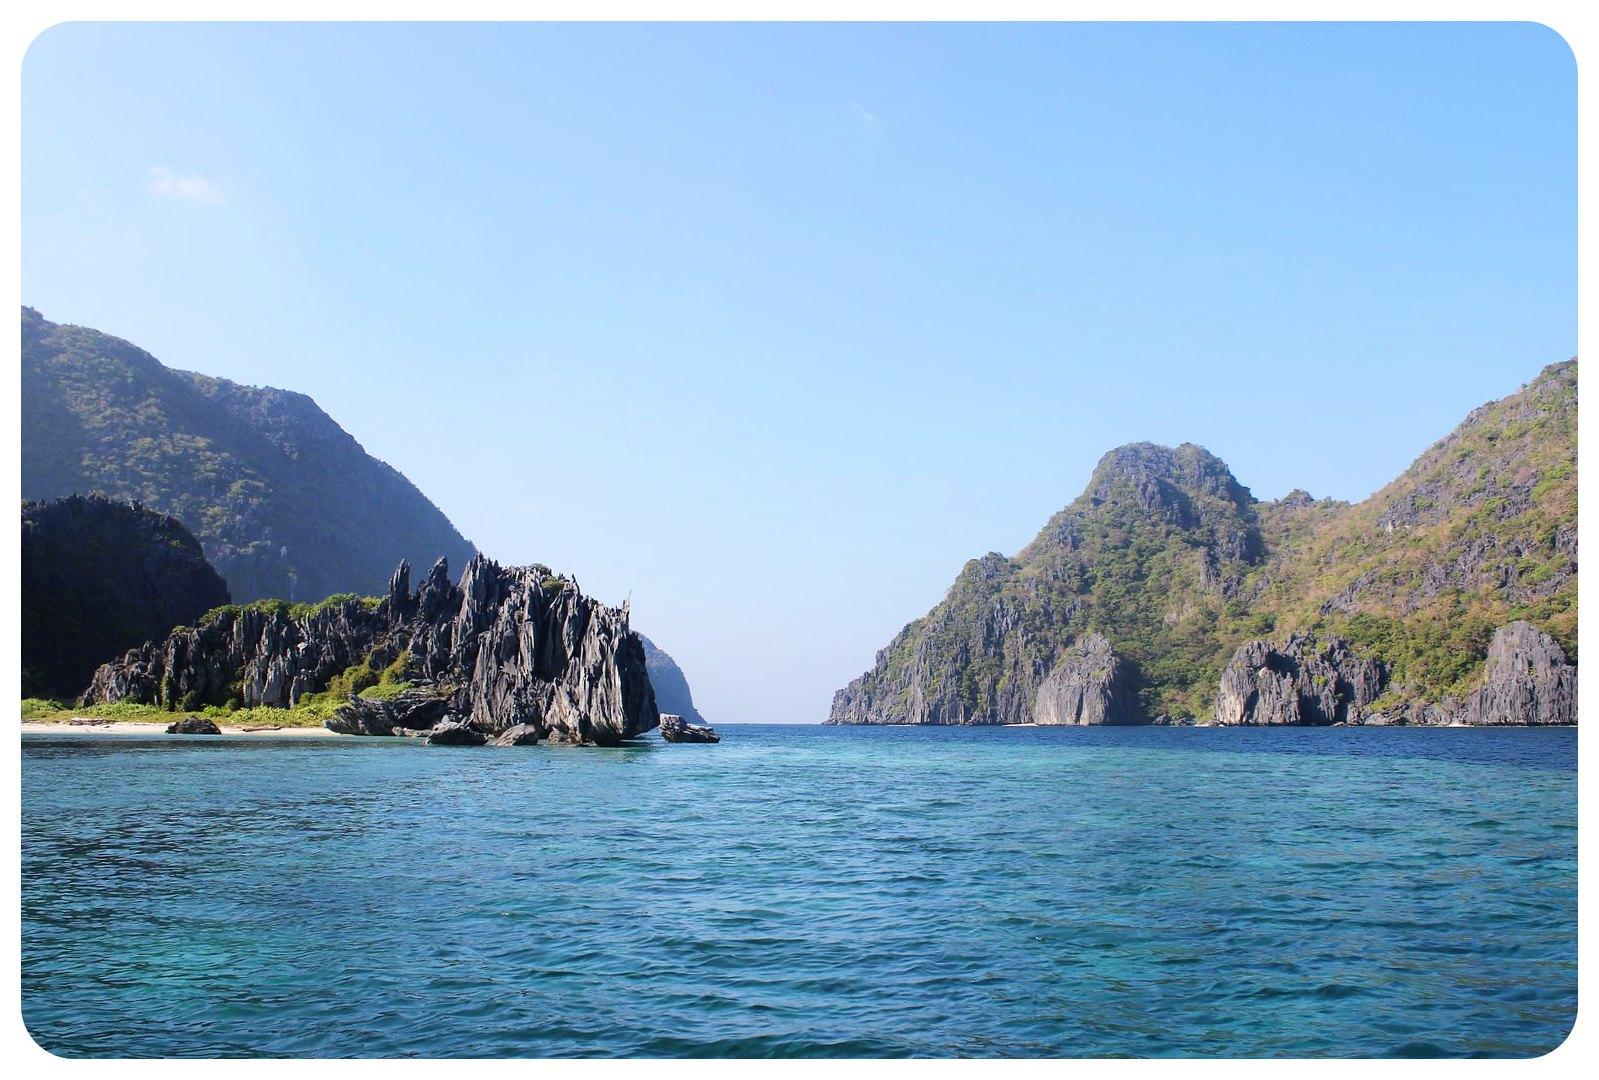 bacuit archipelago island hopping tour